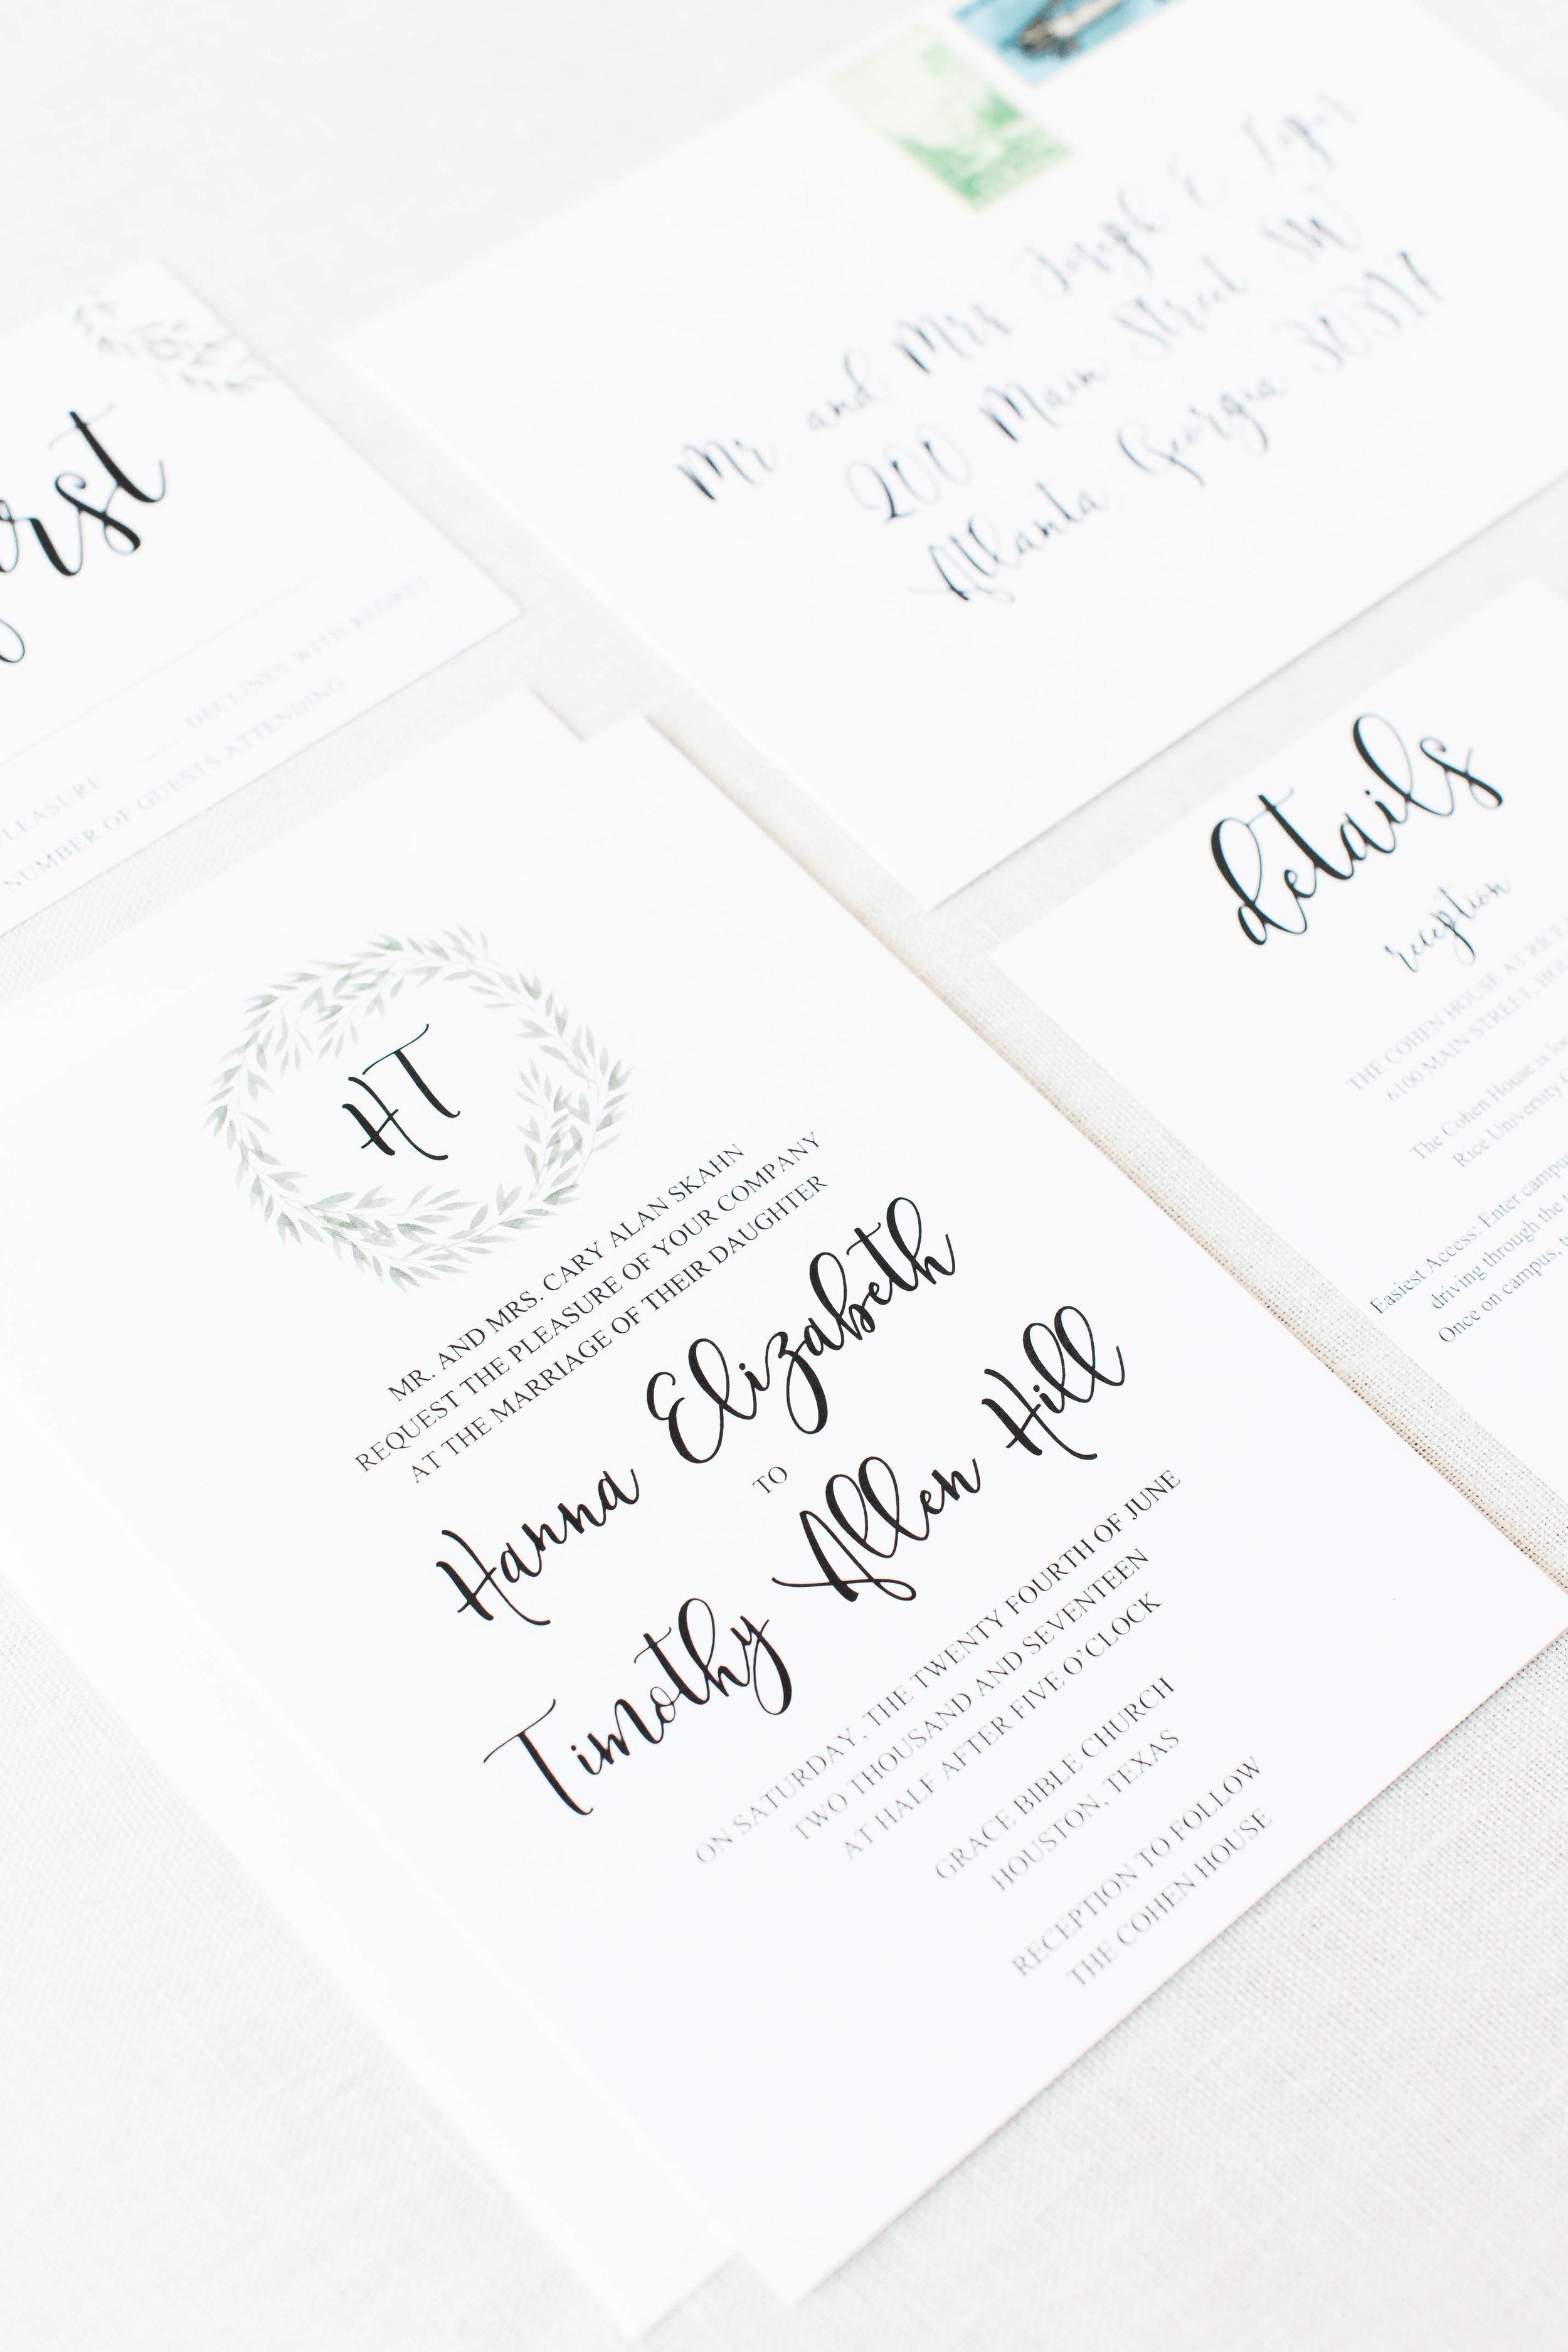 Stacey-Holbrook-Designs-Lindsey-LaRue-44.jpg